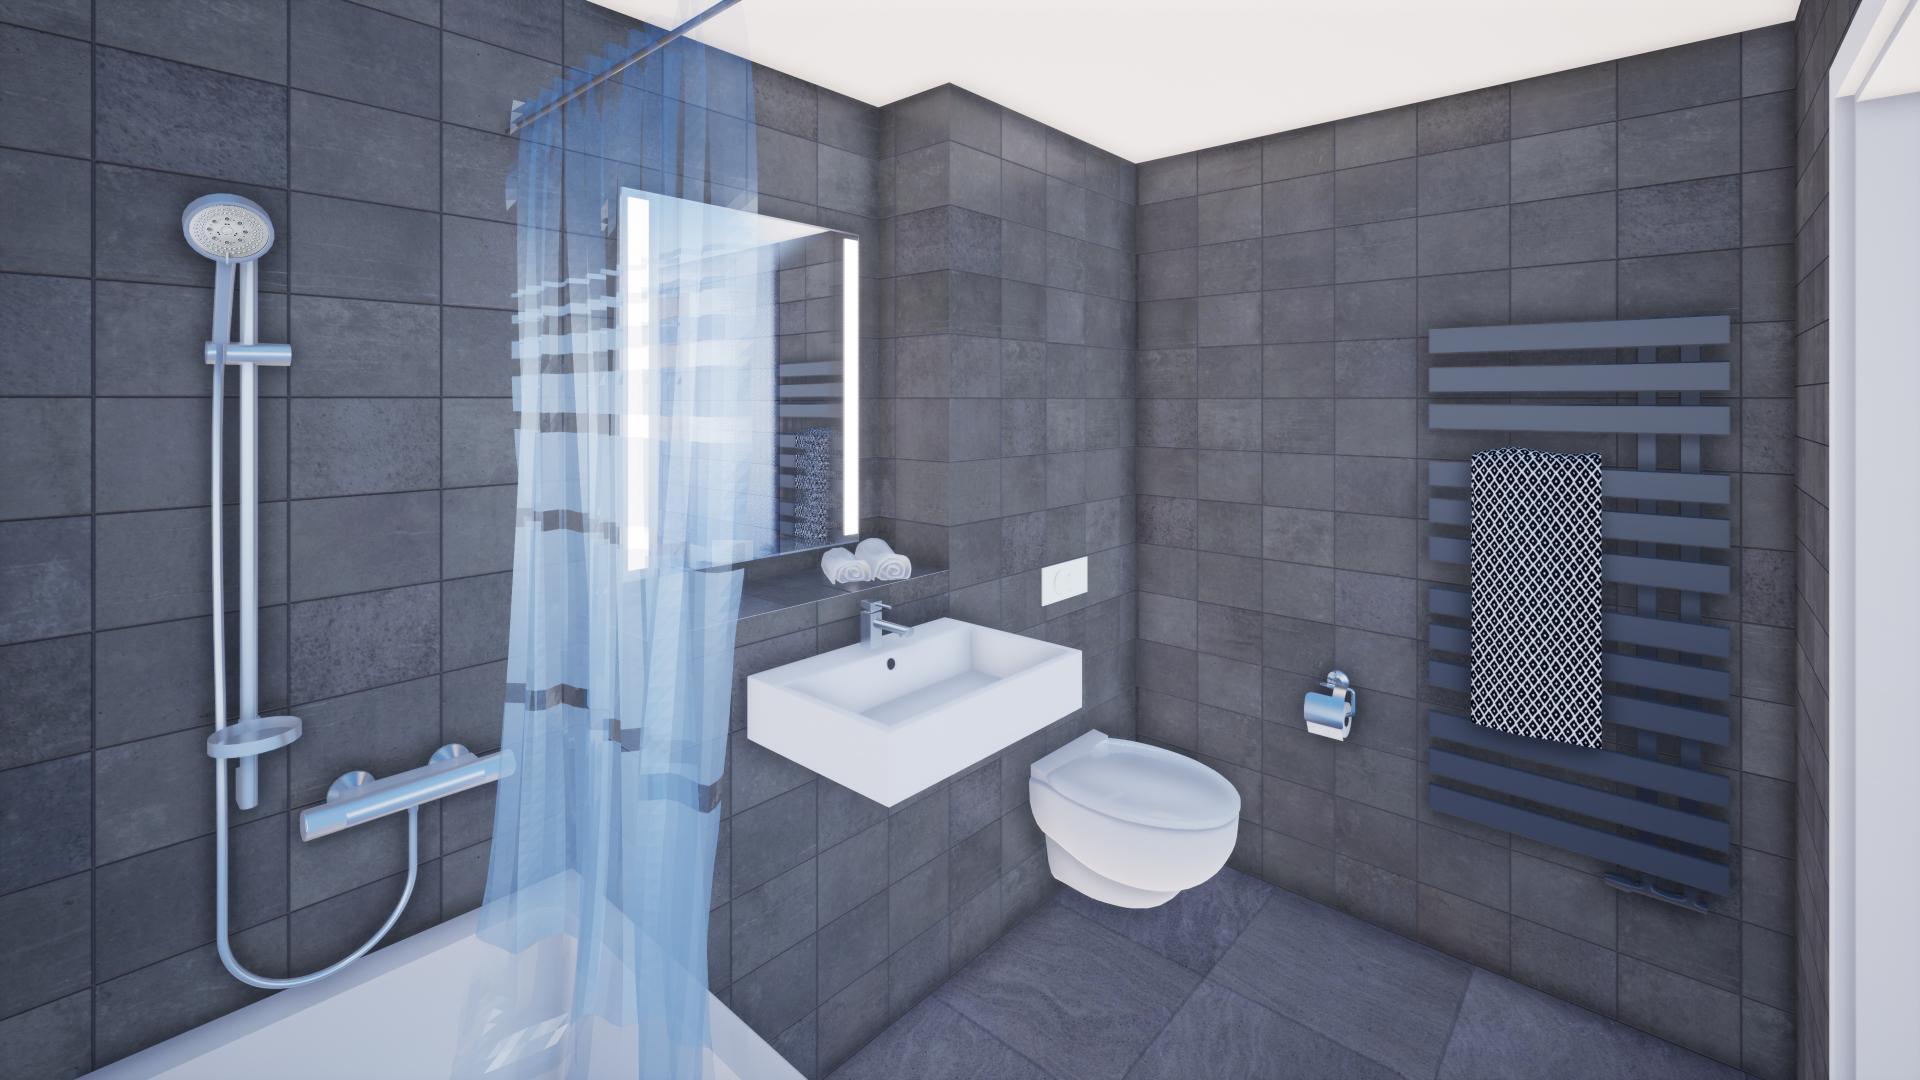 Salle De Bain 4.5 M2 a vendre appartement 4.5 pièces à mannens - helveticimo